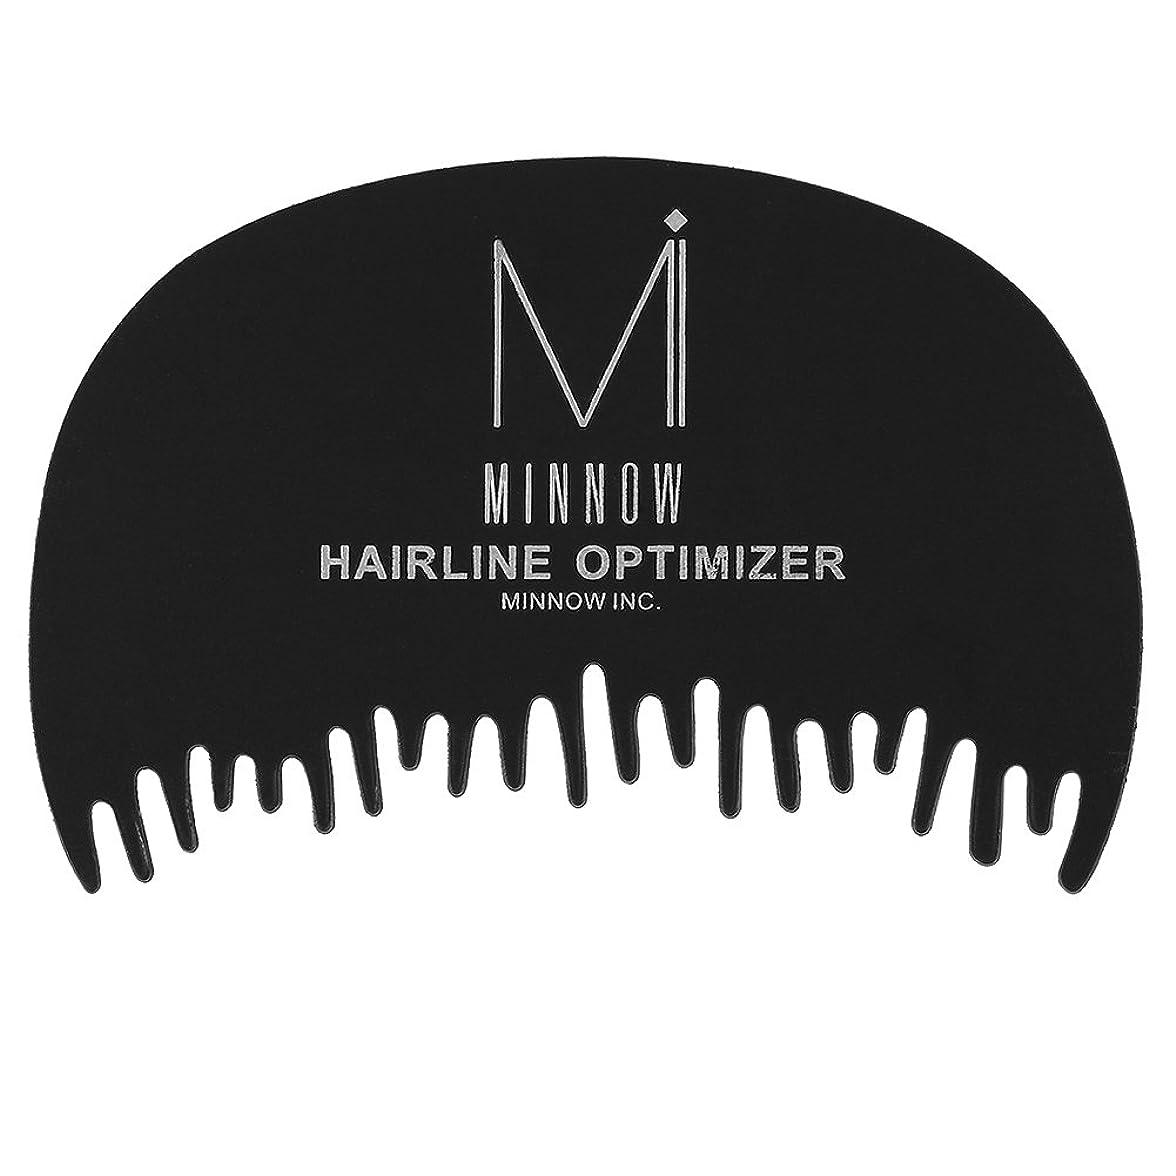 イデオロギー人差し指休眠ヘアラインコーム、ヘアドレッサー細い毛繊維の前髪ヘアラインオプティマイザーフィルムプラスチック専用コーム、プロフェッショナルビューティーサロン製品アクセサリー